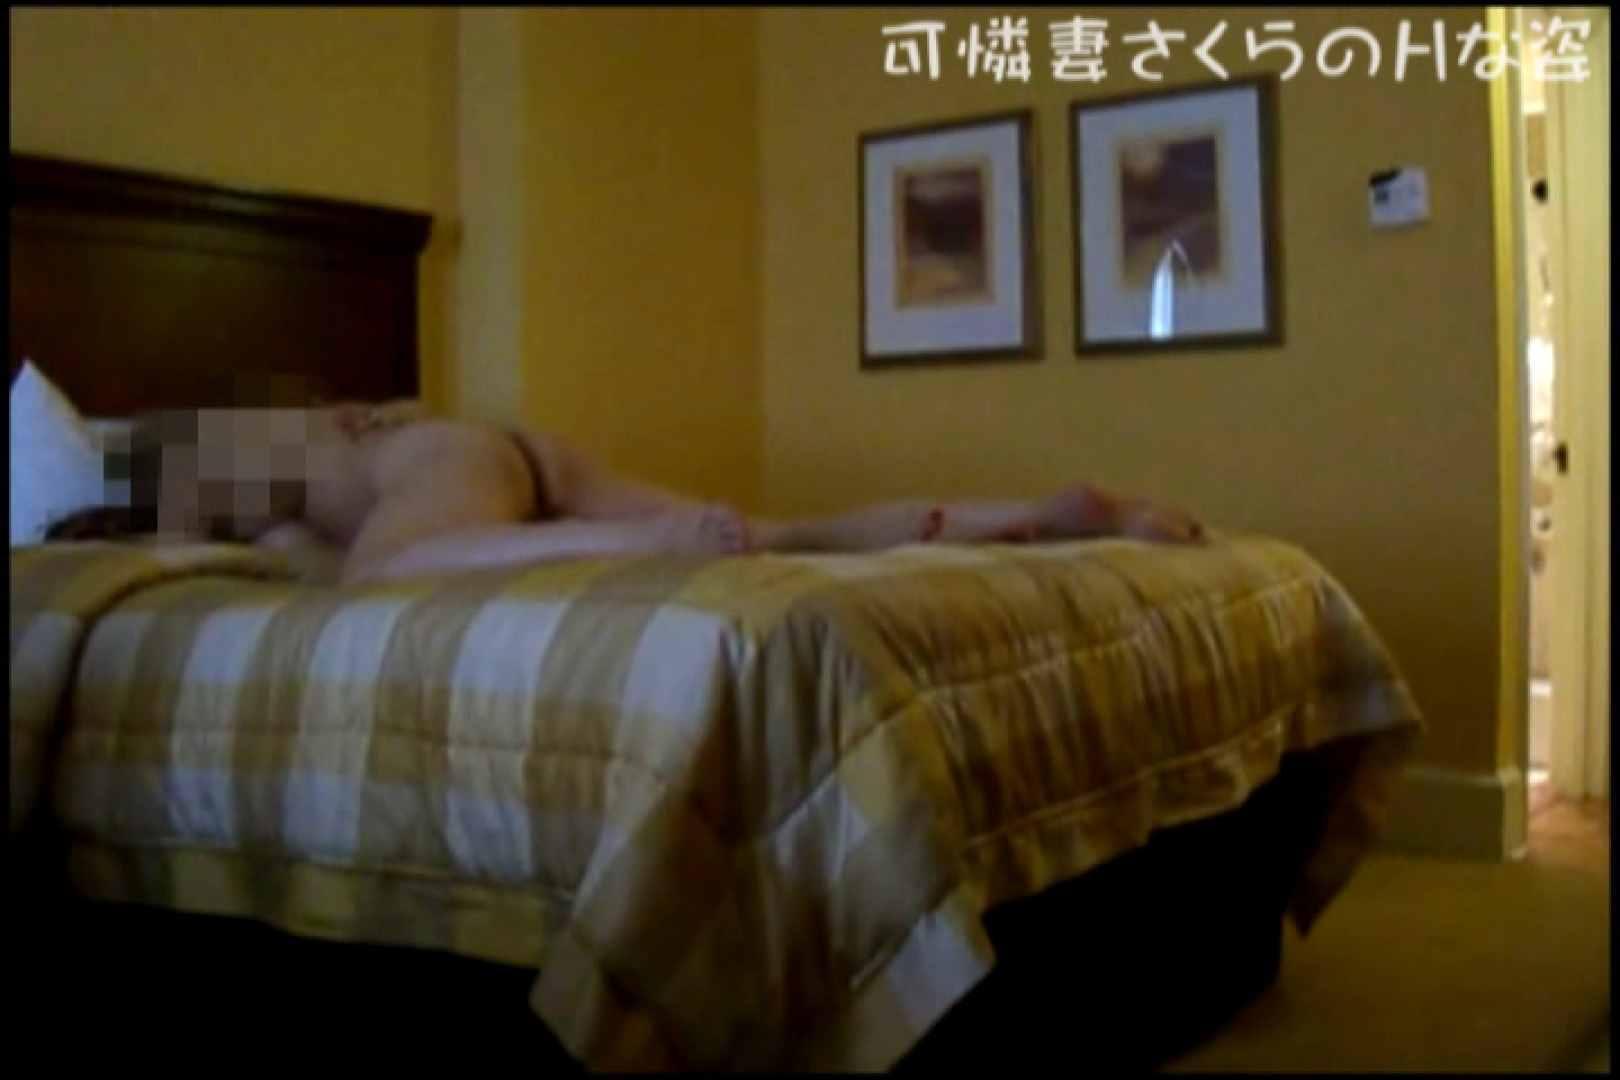 可憐妻さくらのHな姿vol.9前編 ギャル達のセックス | OL裸体  64画像 50